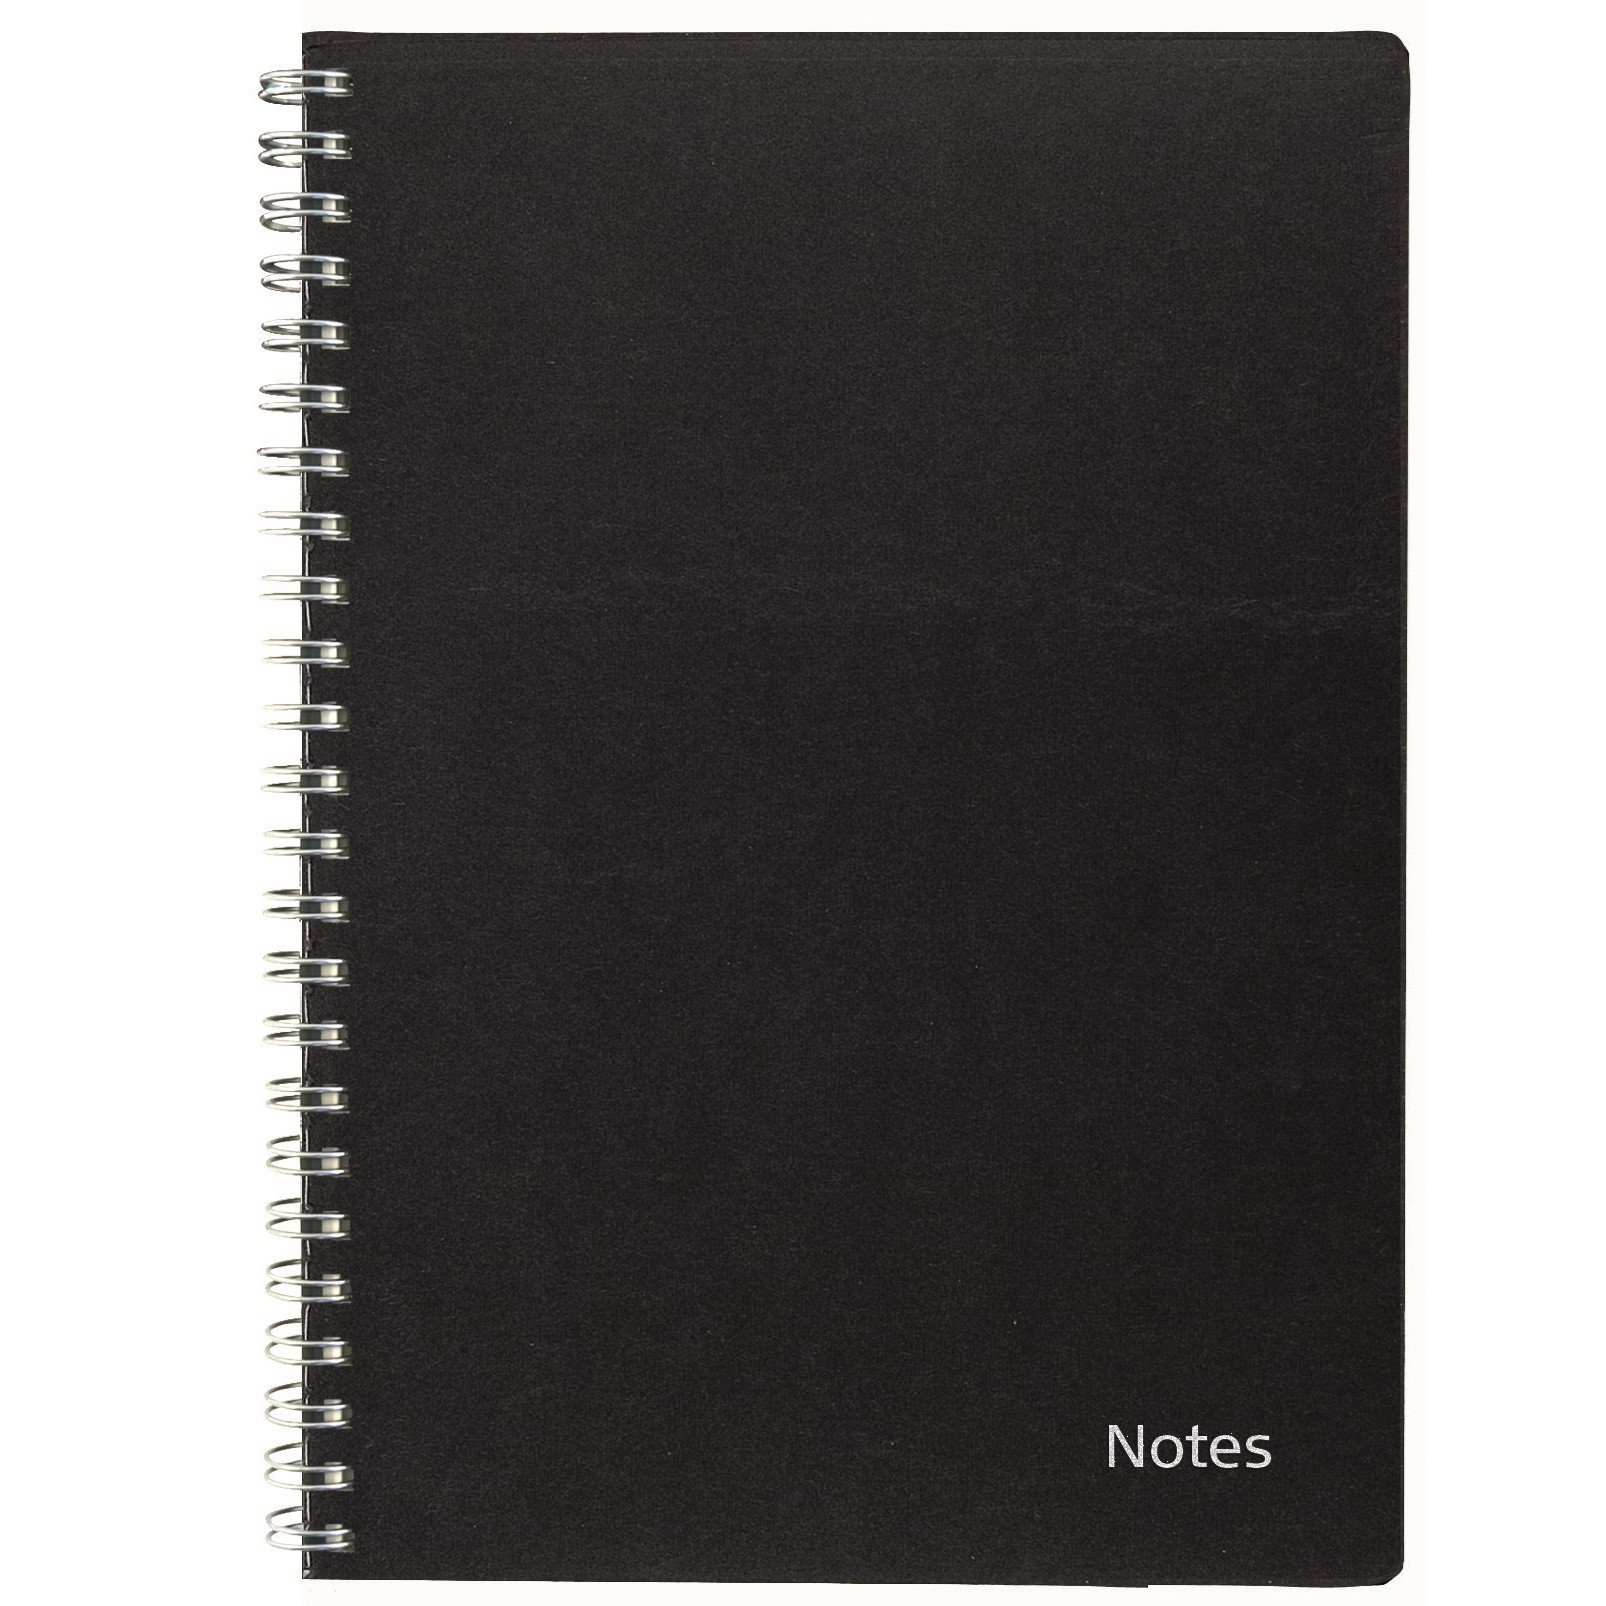 Refill til A5 notesbog 15 x 21 cm - 92612500